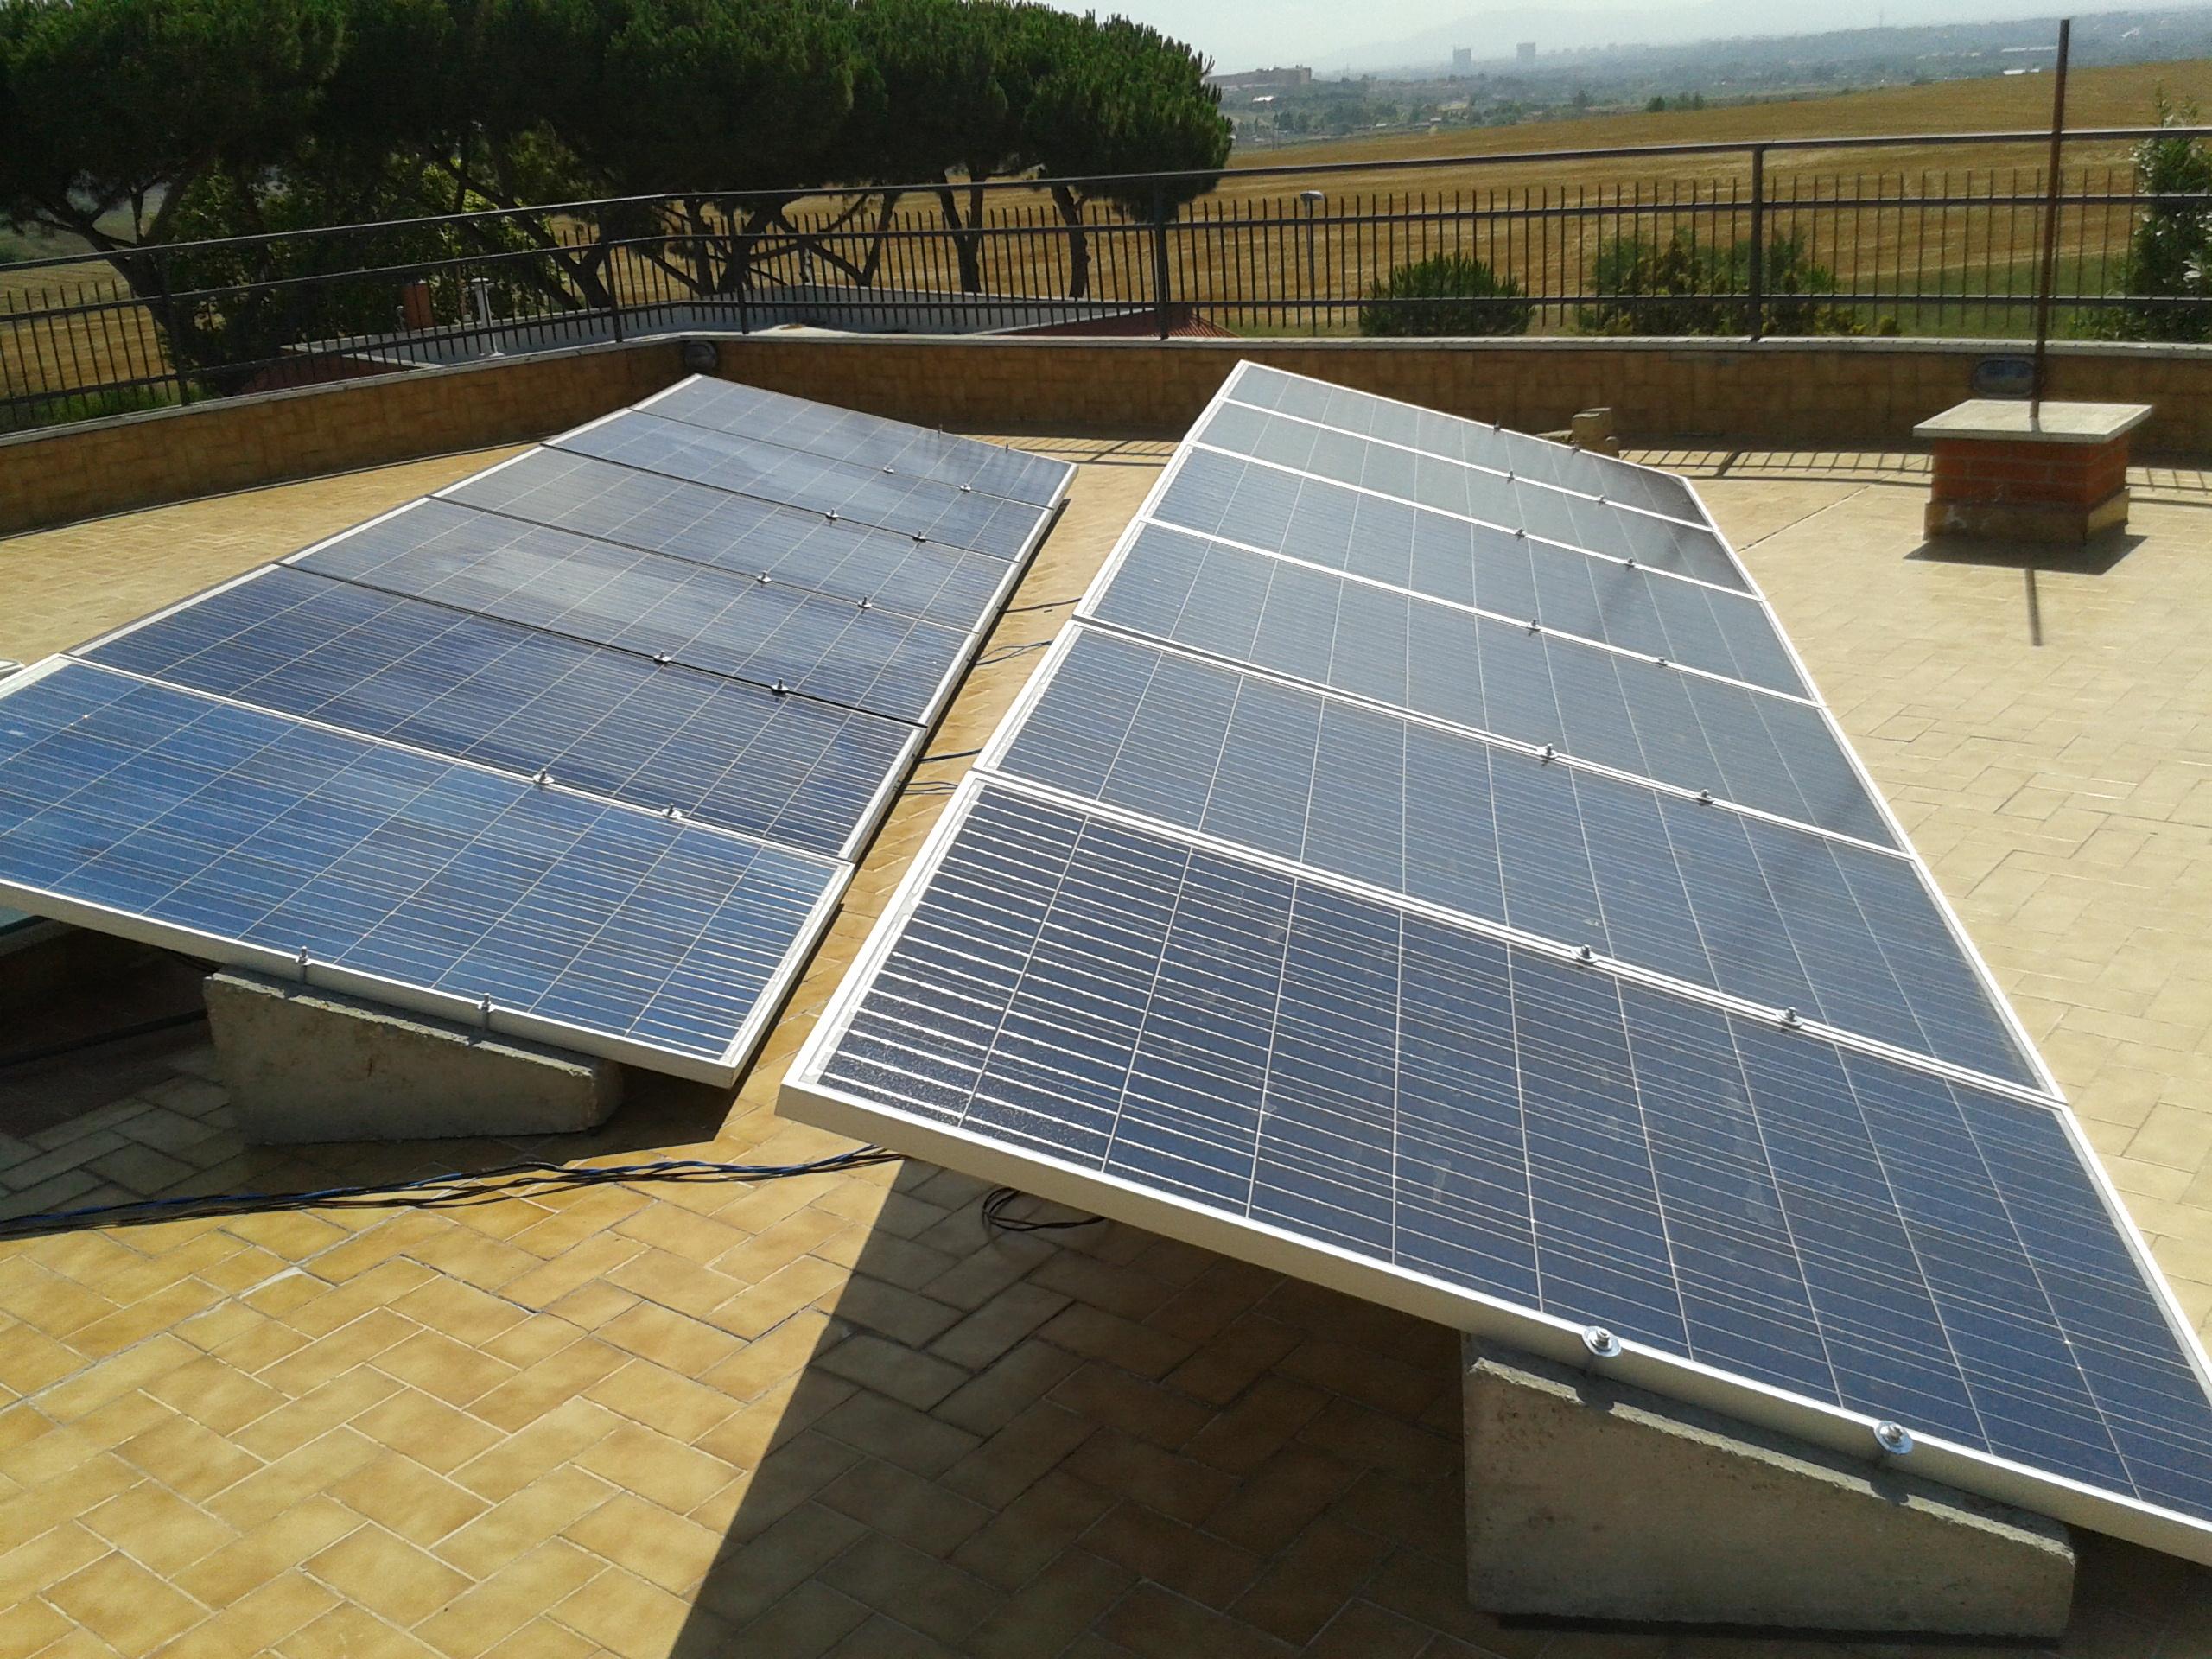 http://www.energialternativa.info/Public/NewForum/ForumEA/g/2015-07-27%2010.17.46.jpg